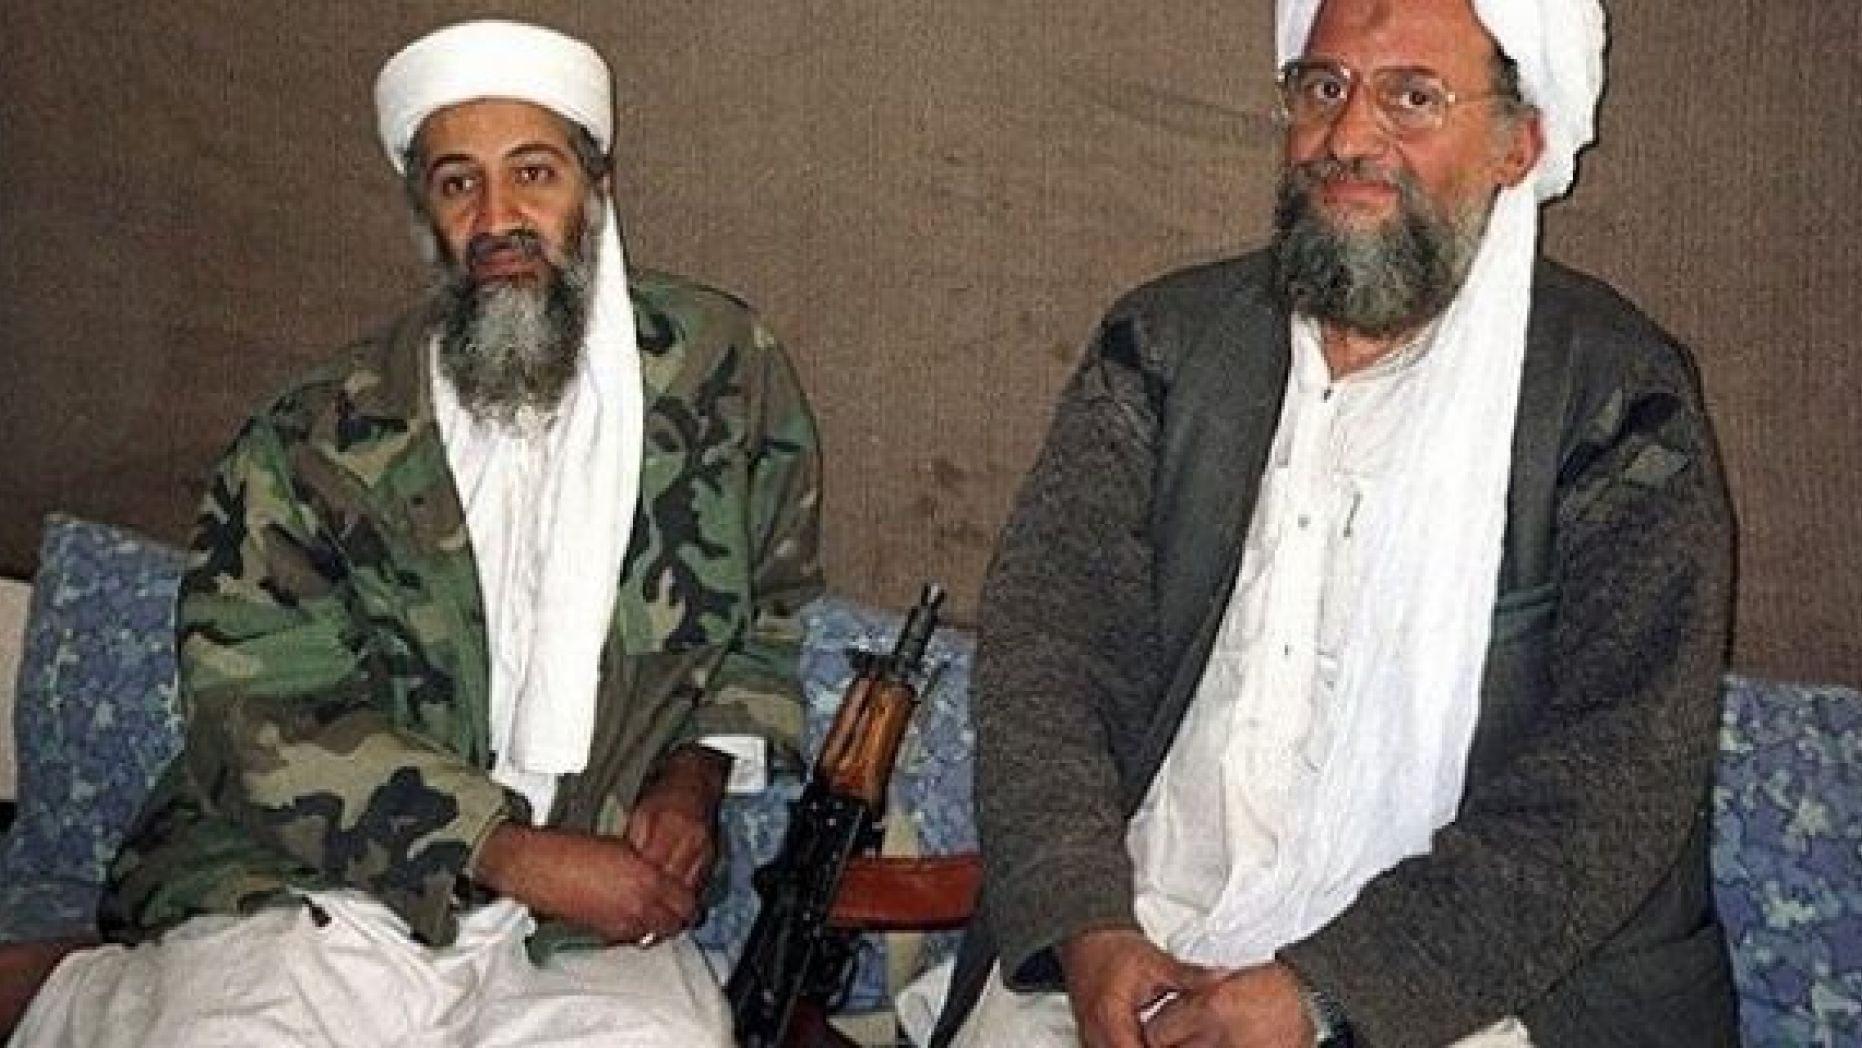 अलकायदा, ओसामा बिन लादेन, भारत, पाकिस्तान, अल जवाहिरी, आतंकवादी, जम्मू कश्मीर, कश्मीर